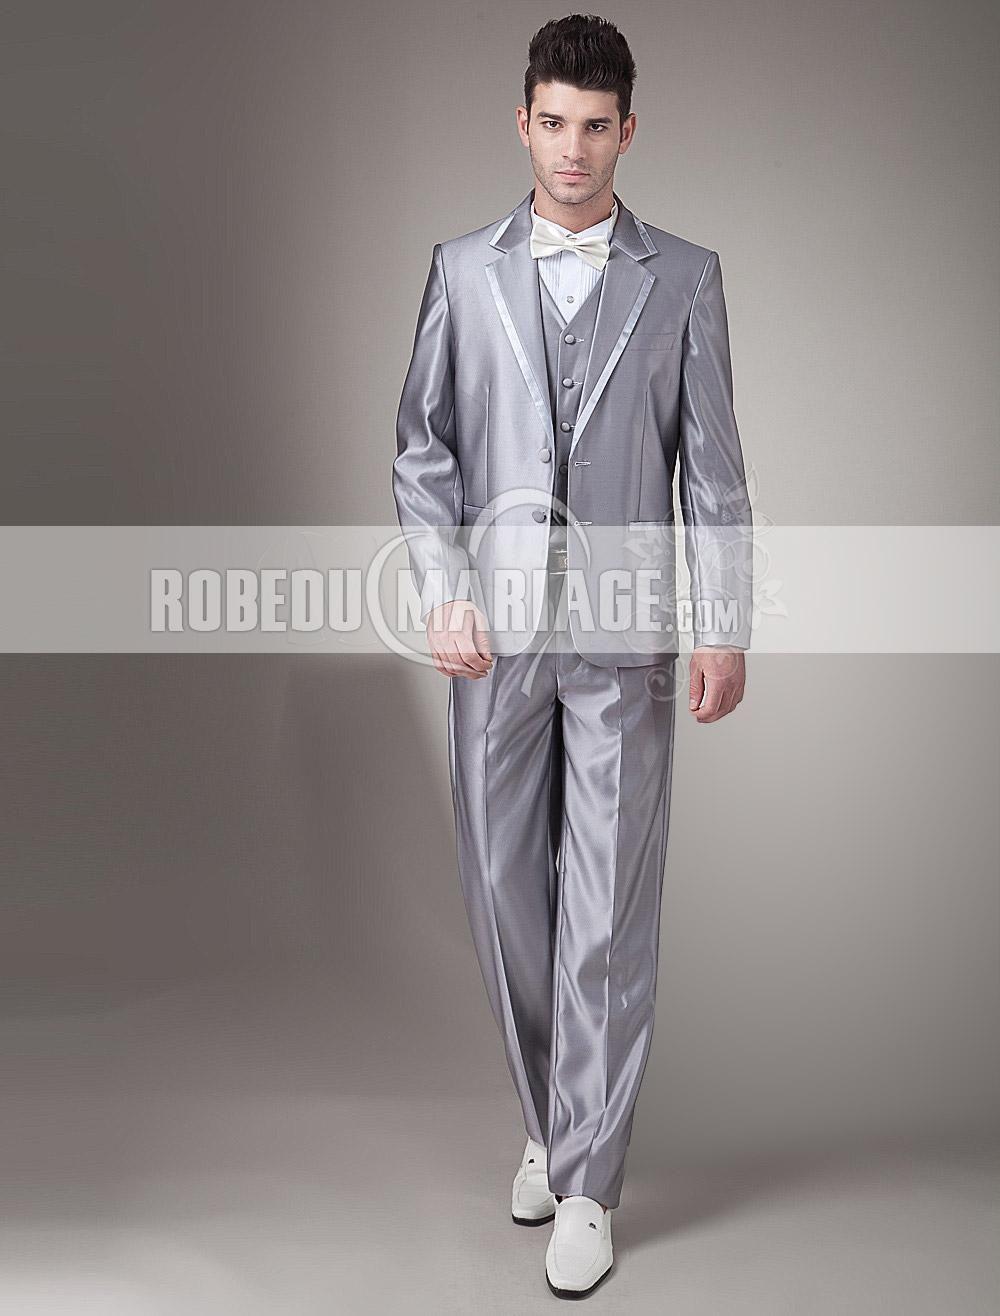 Prix costume homme pas cher - Idée de Costume et vêtement bc6e31761b3